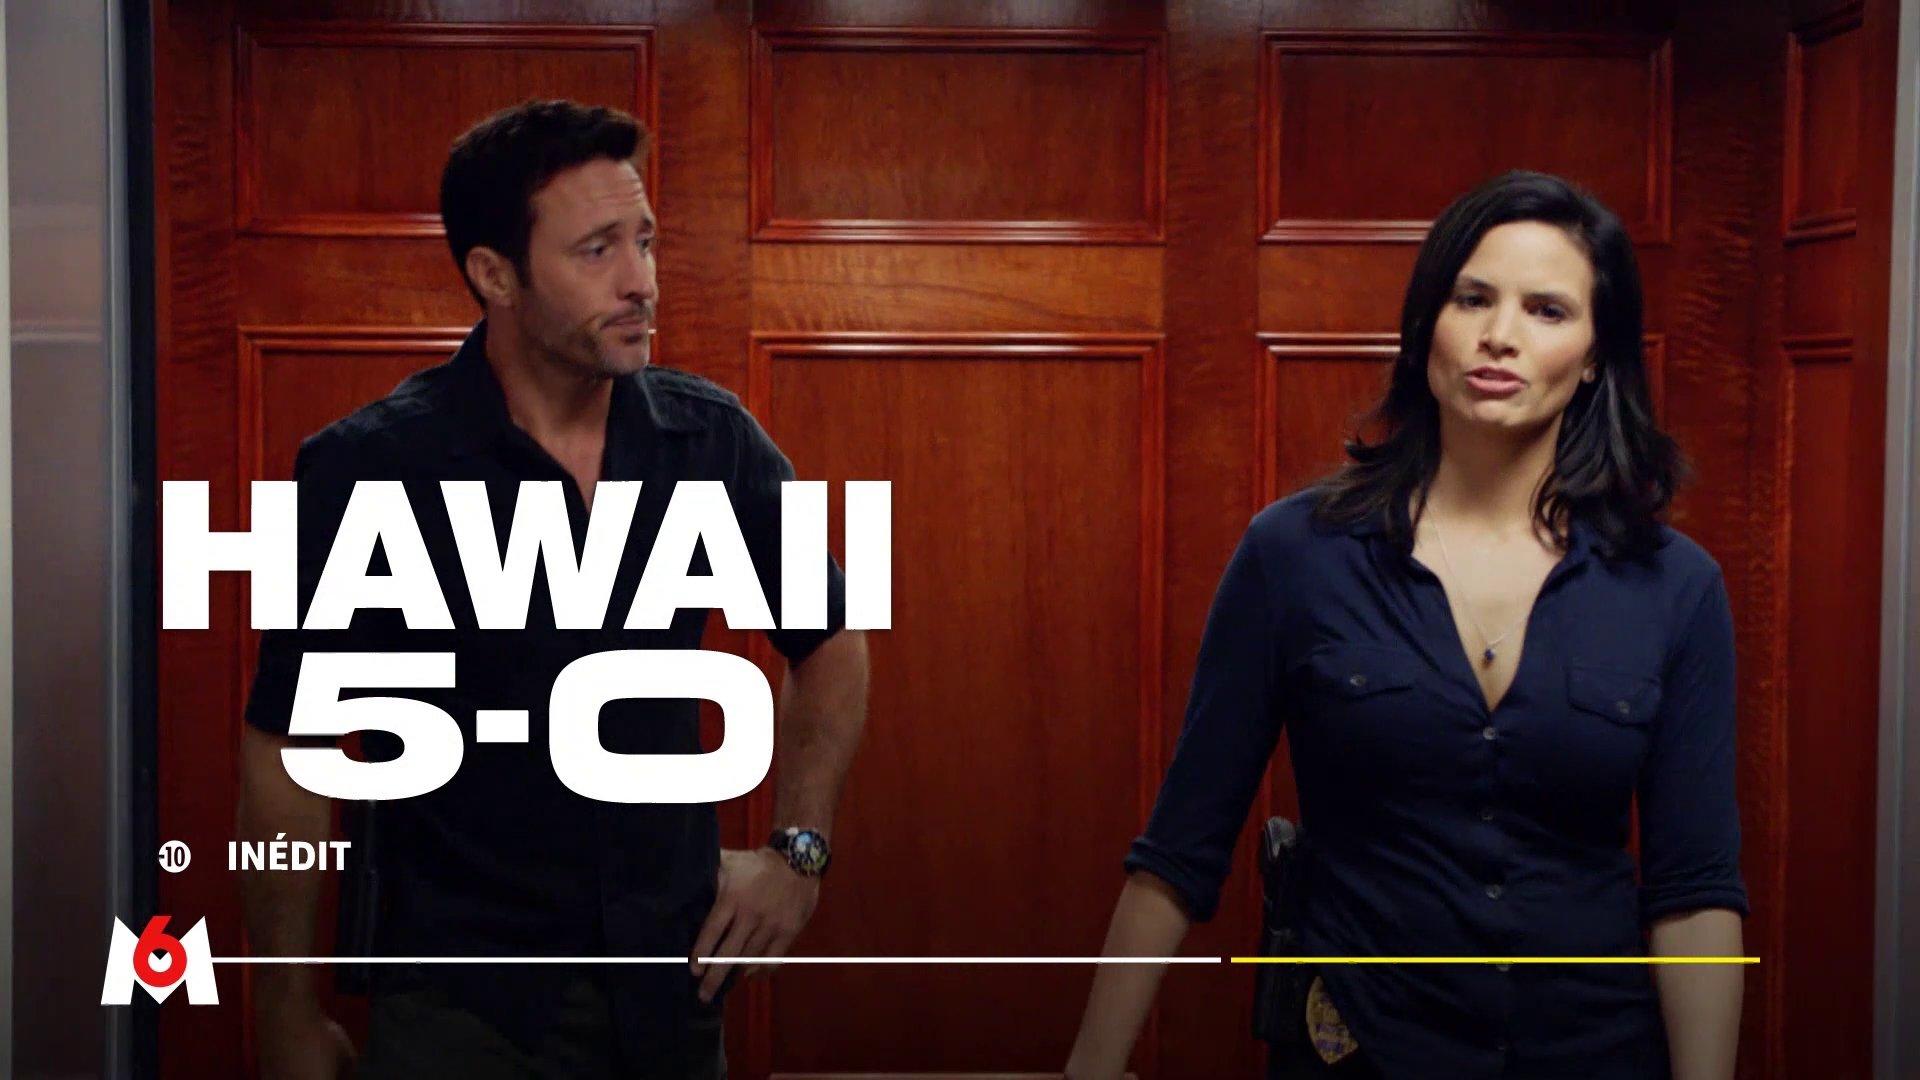 « Hawaii 5-0 » du 24 avril 2021